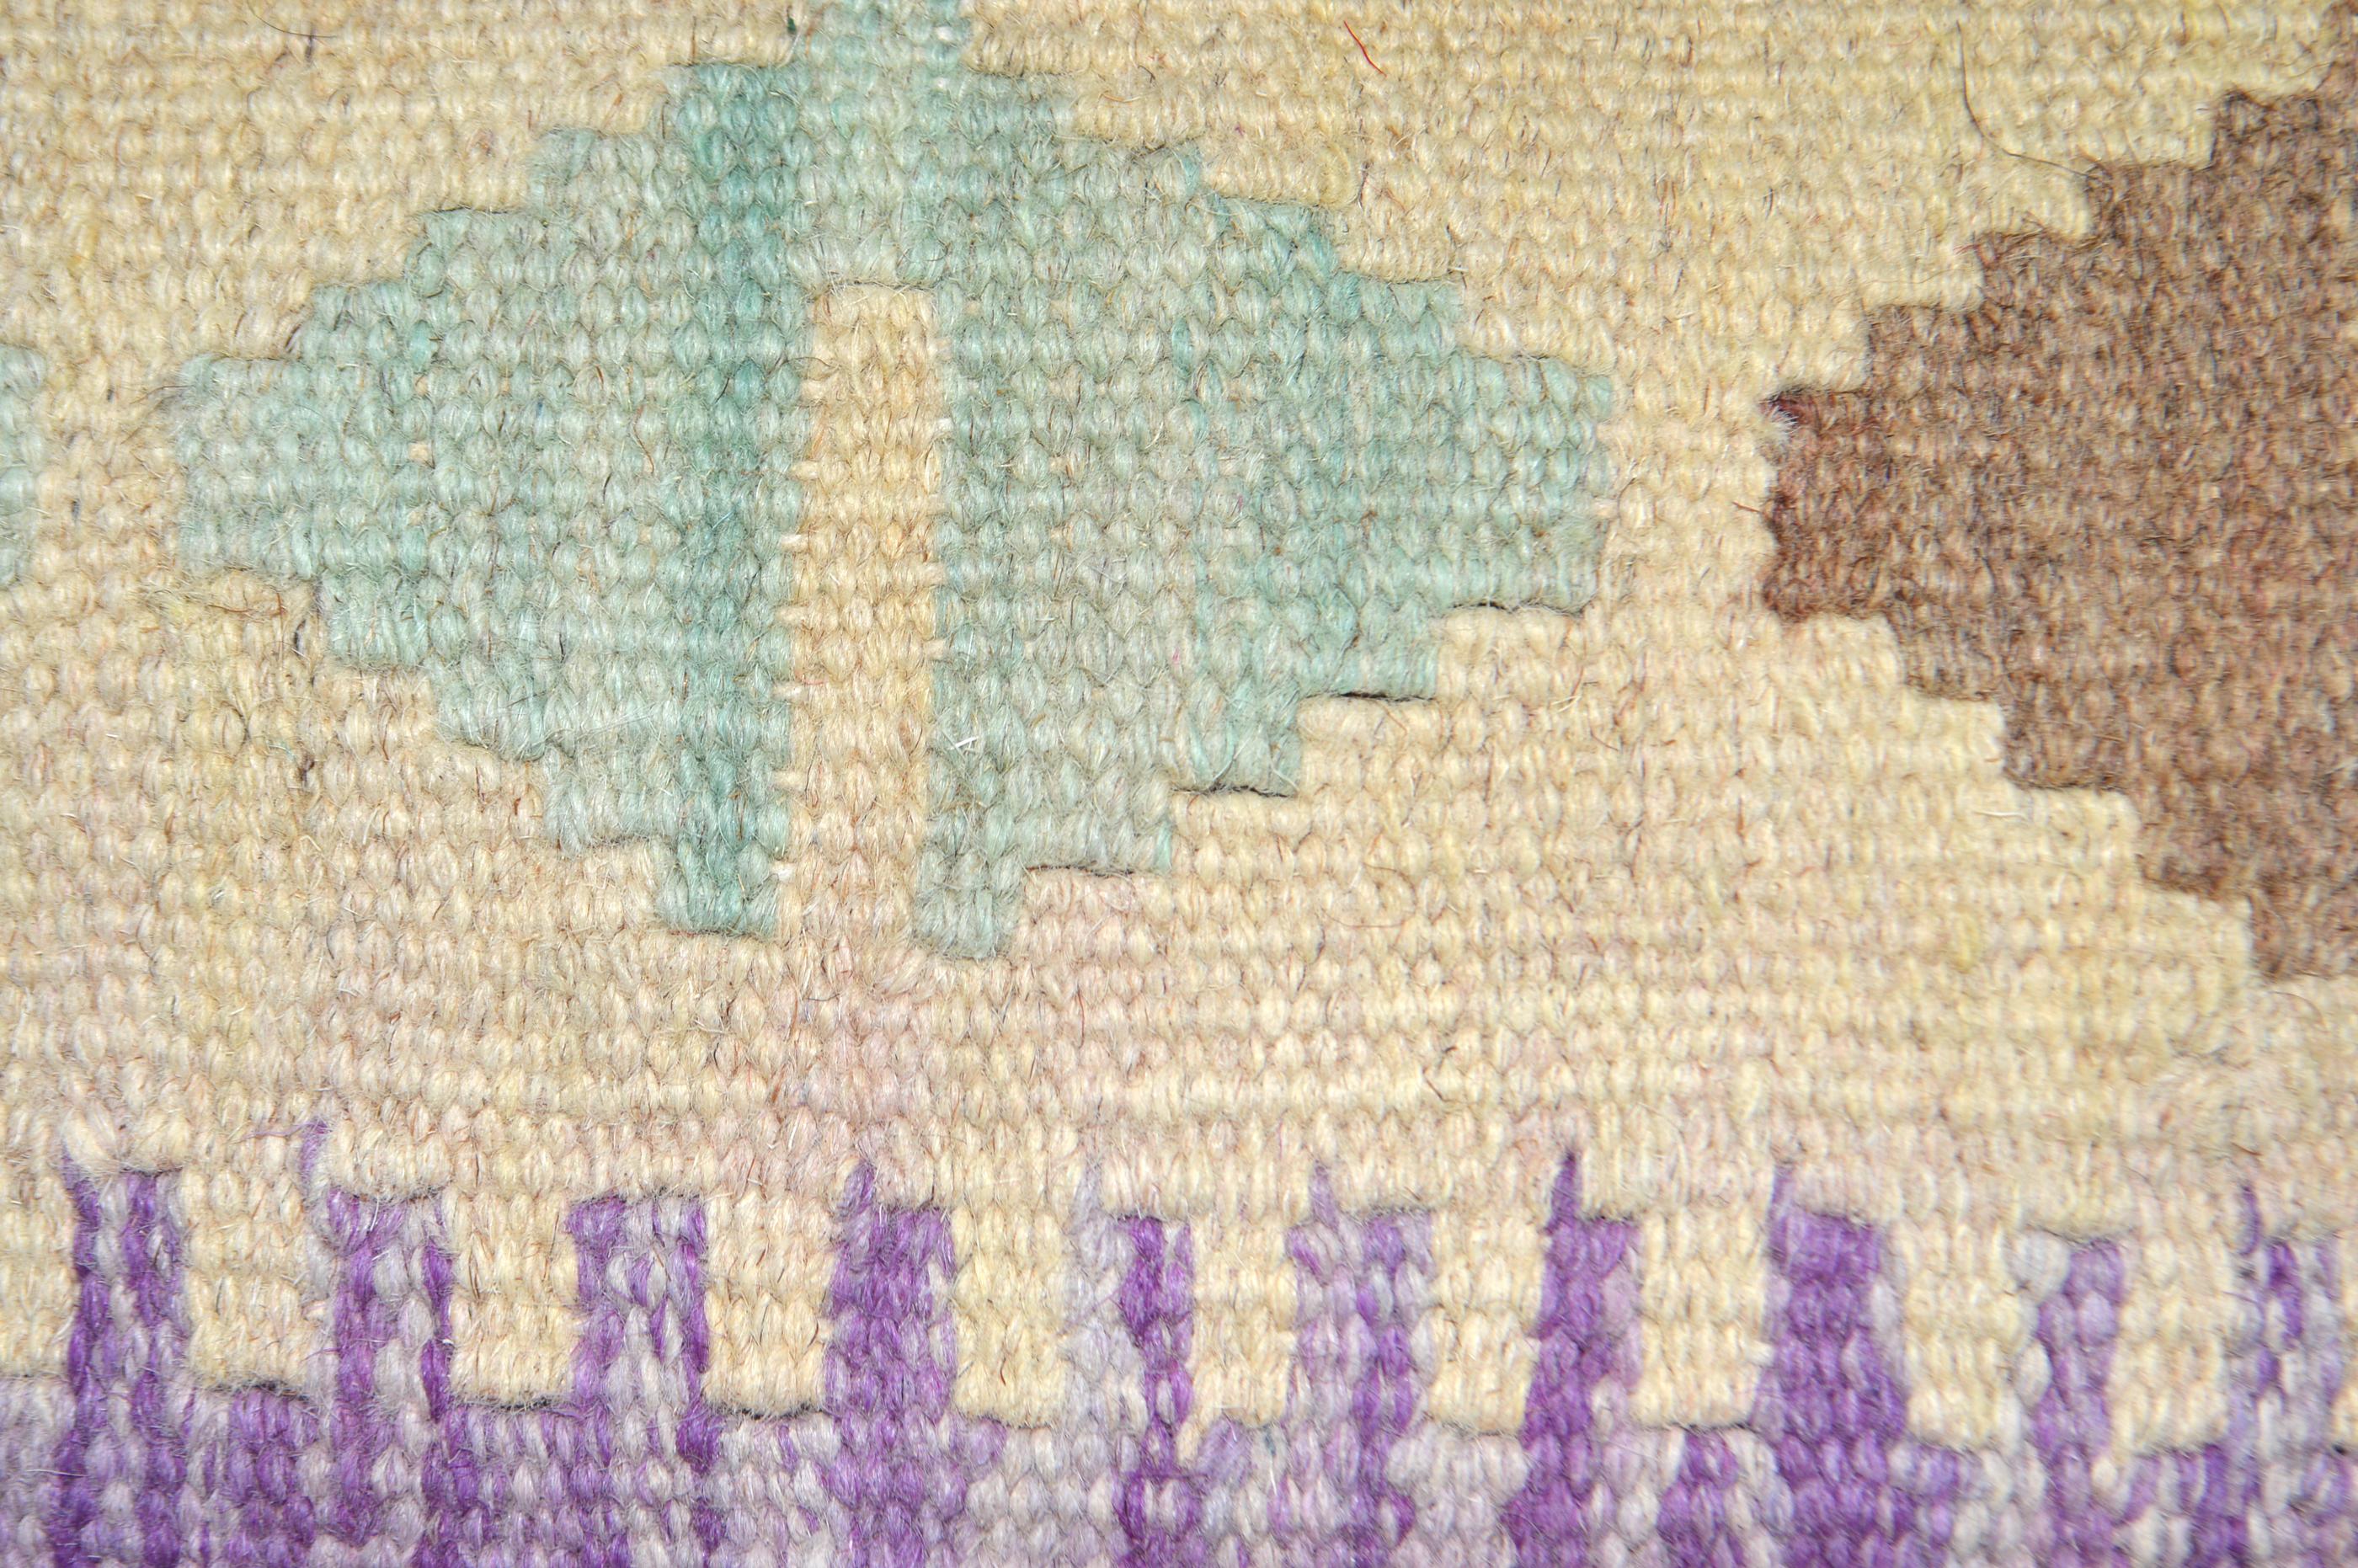 Orientalische Antik Kelim Kissen Unikat aus Wolle, handgewebte Dekokissen, Vintage AKS 007 Größe 45 x 45 cm